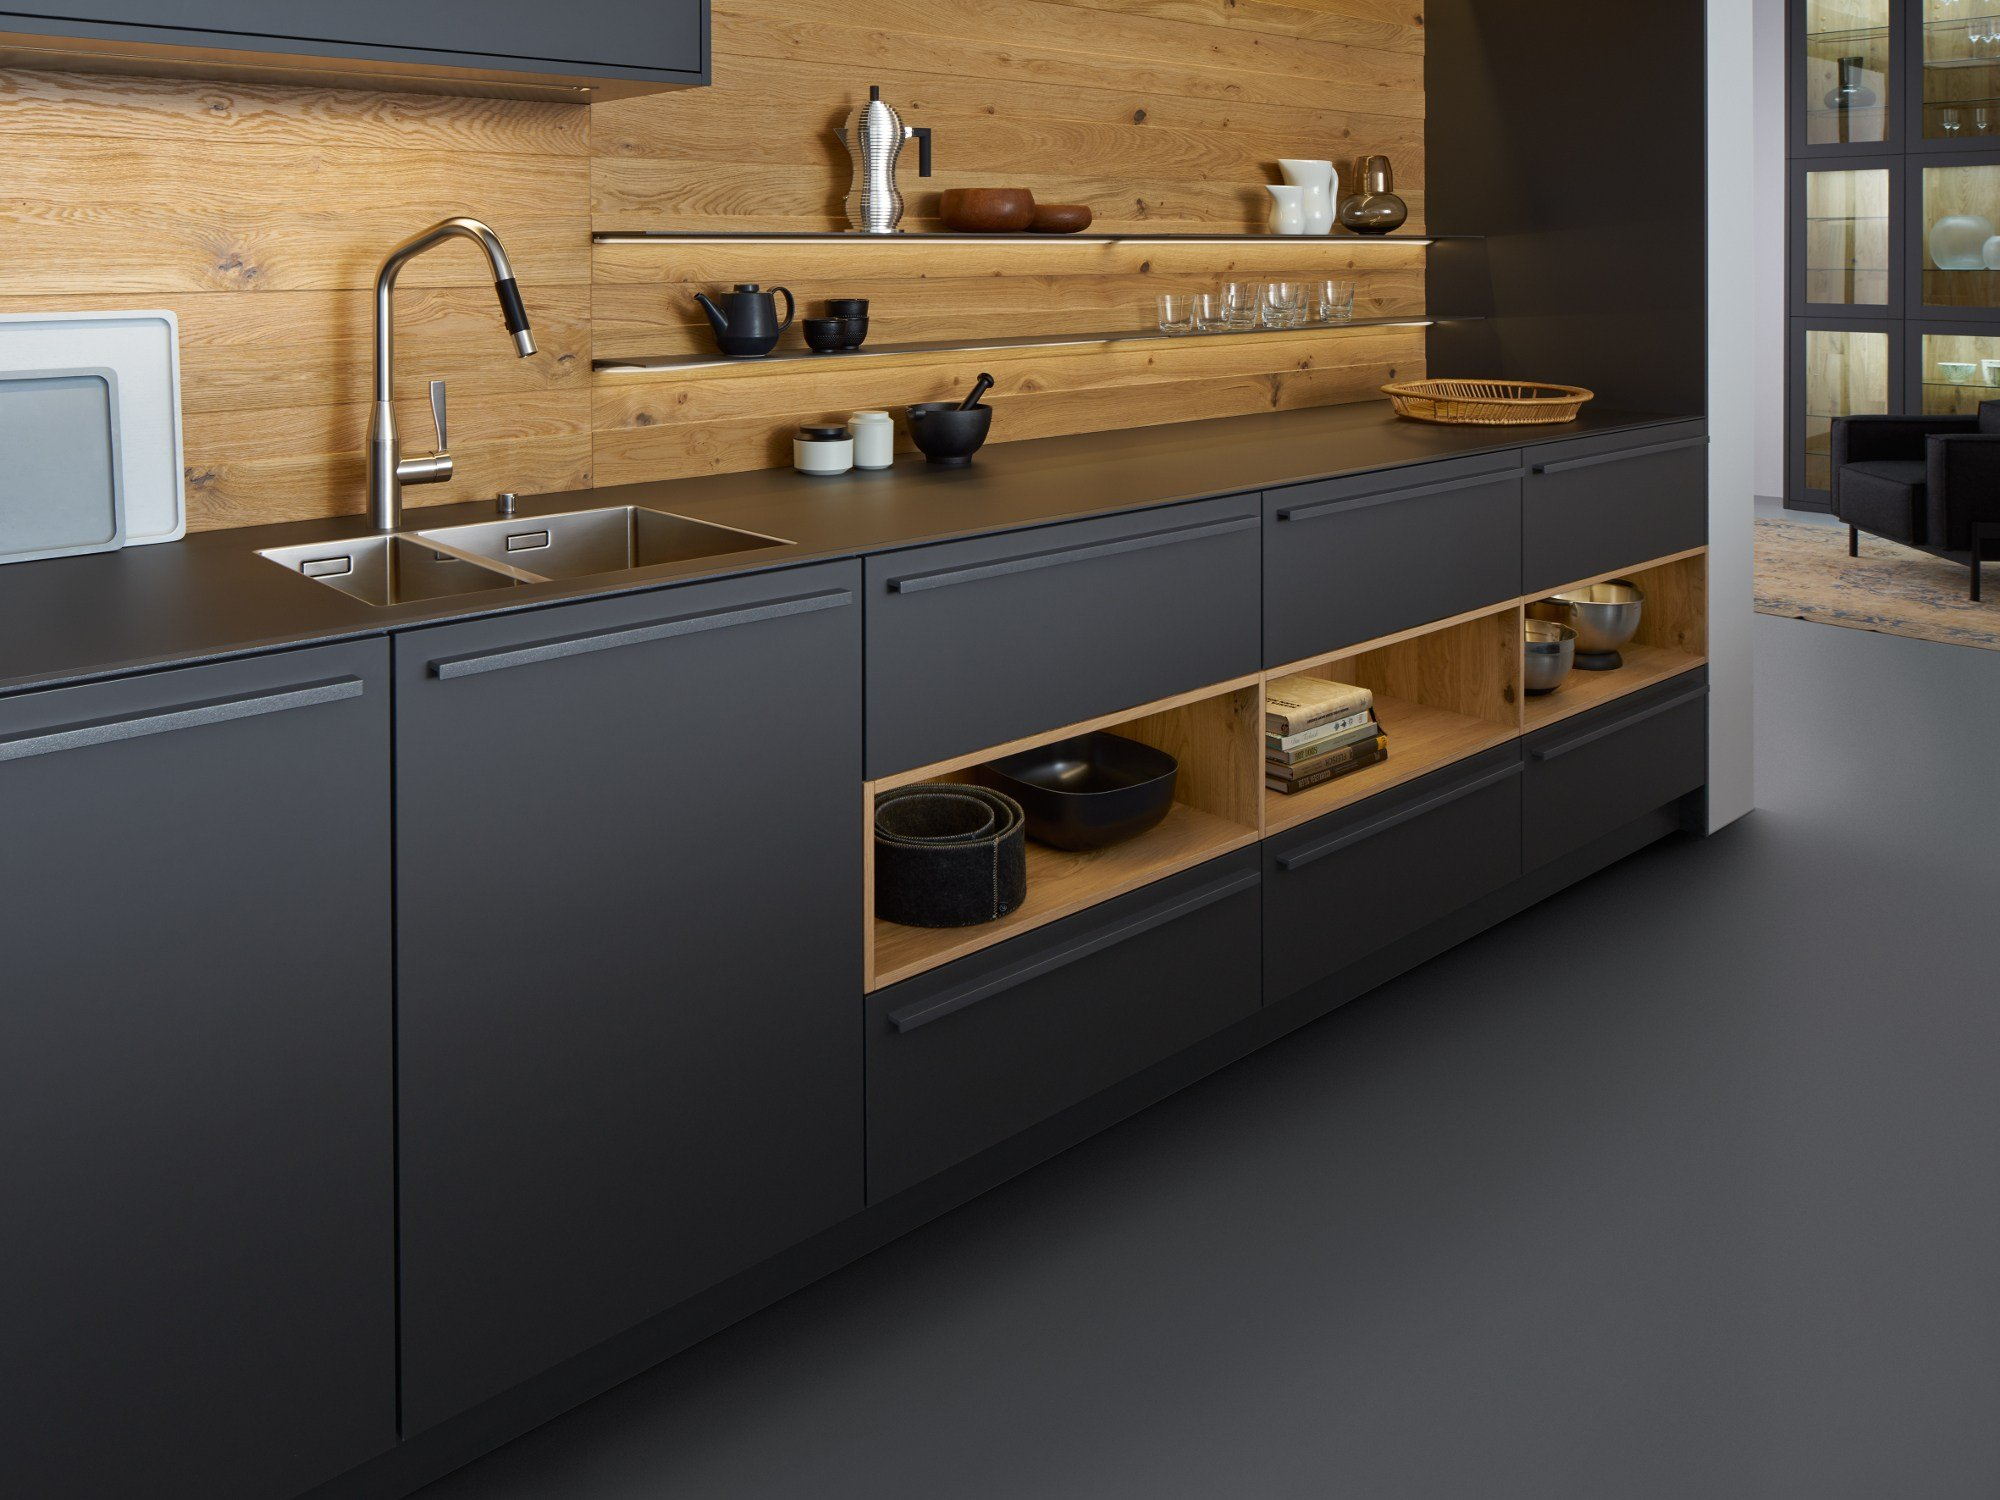 Solid wood kitchen with island BONDI | VALAIS By LEICHT Küchen | {Leicht küchen logo 48}